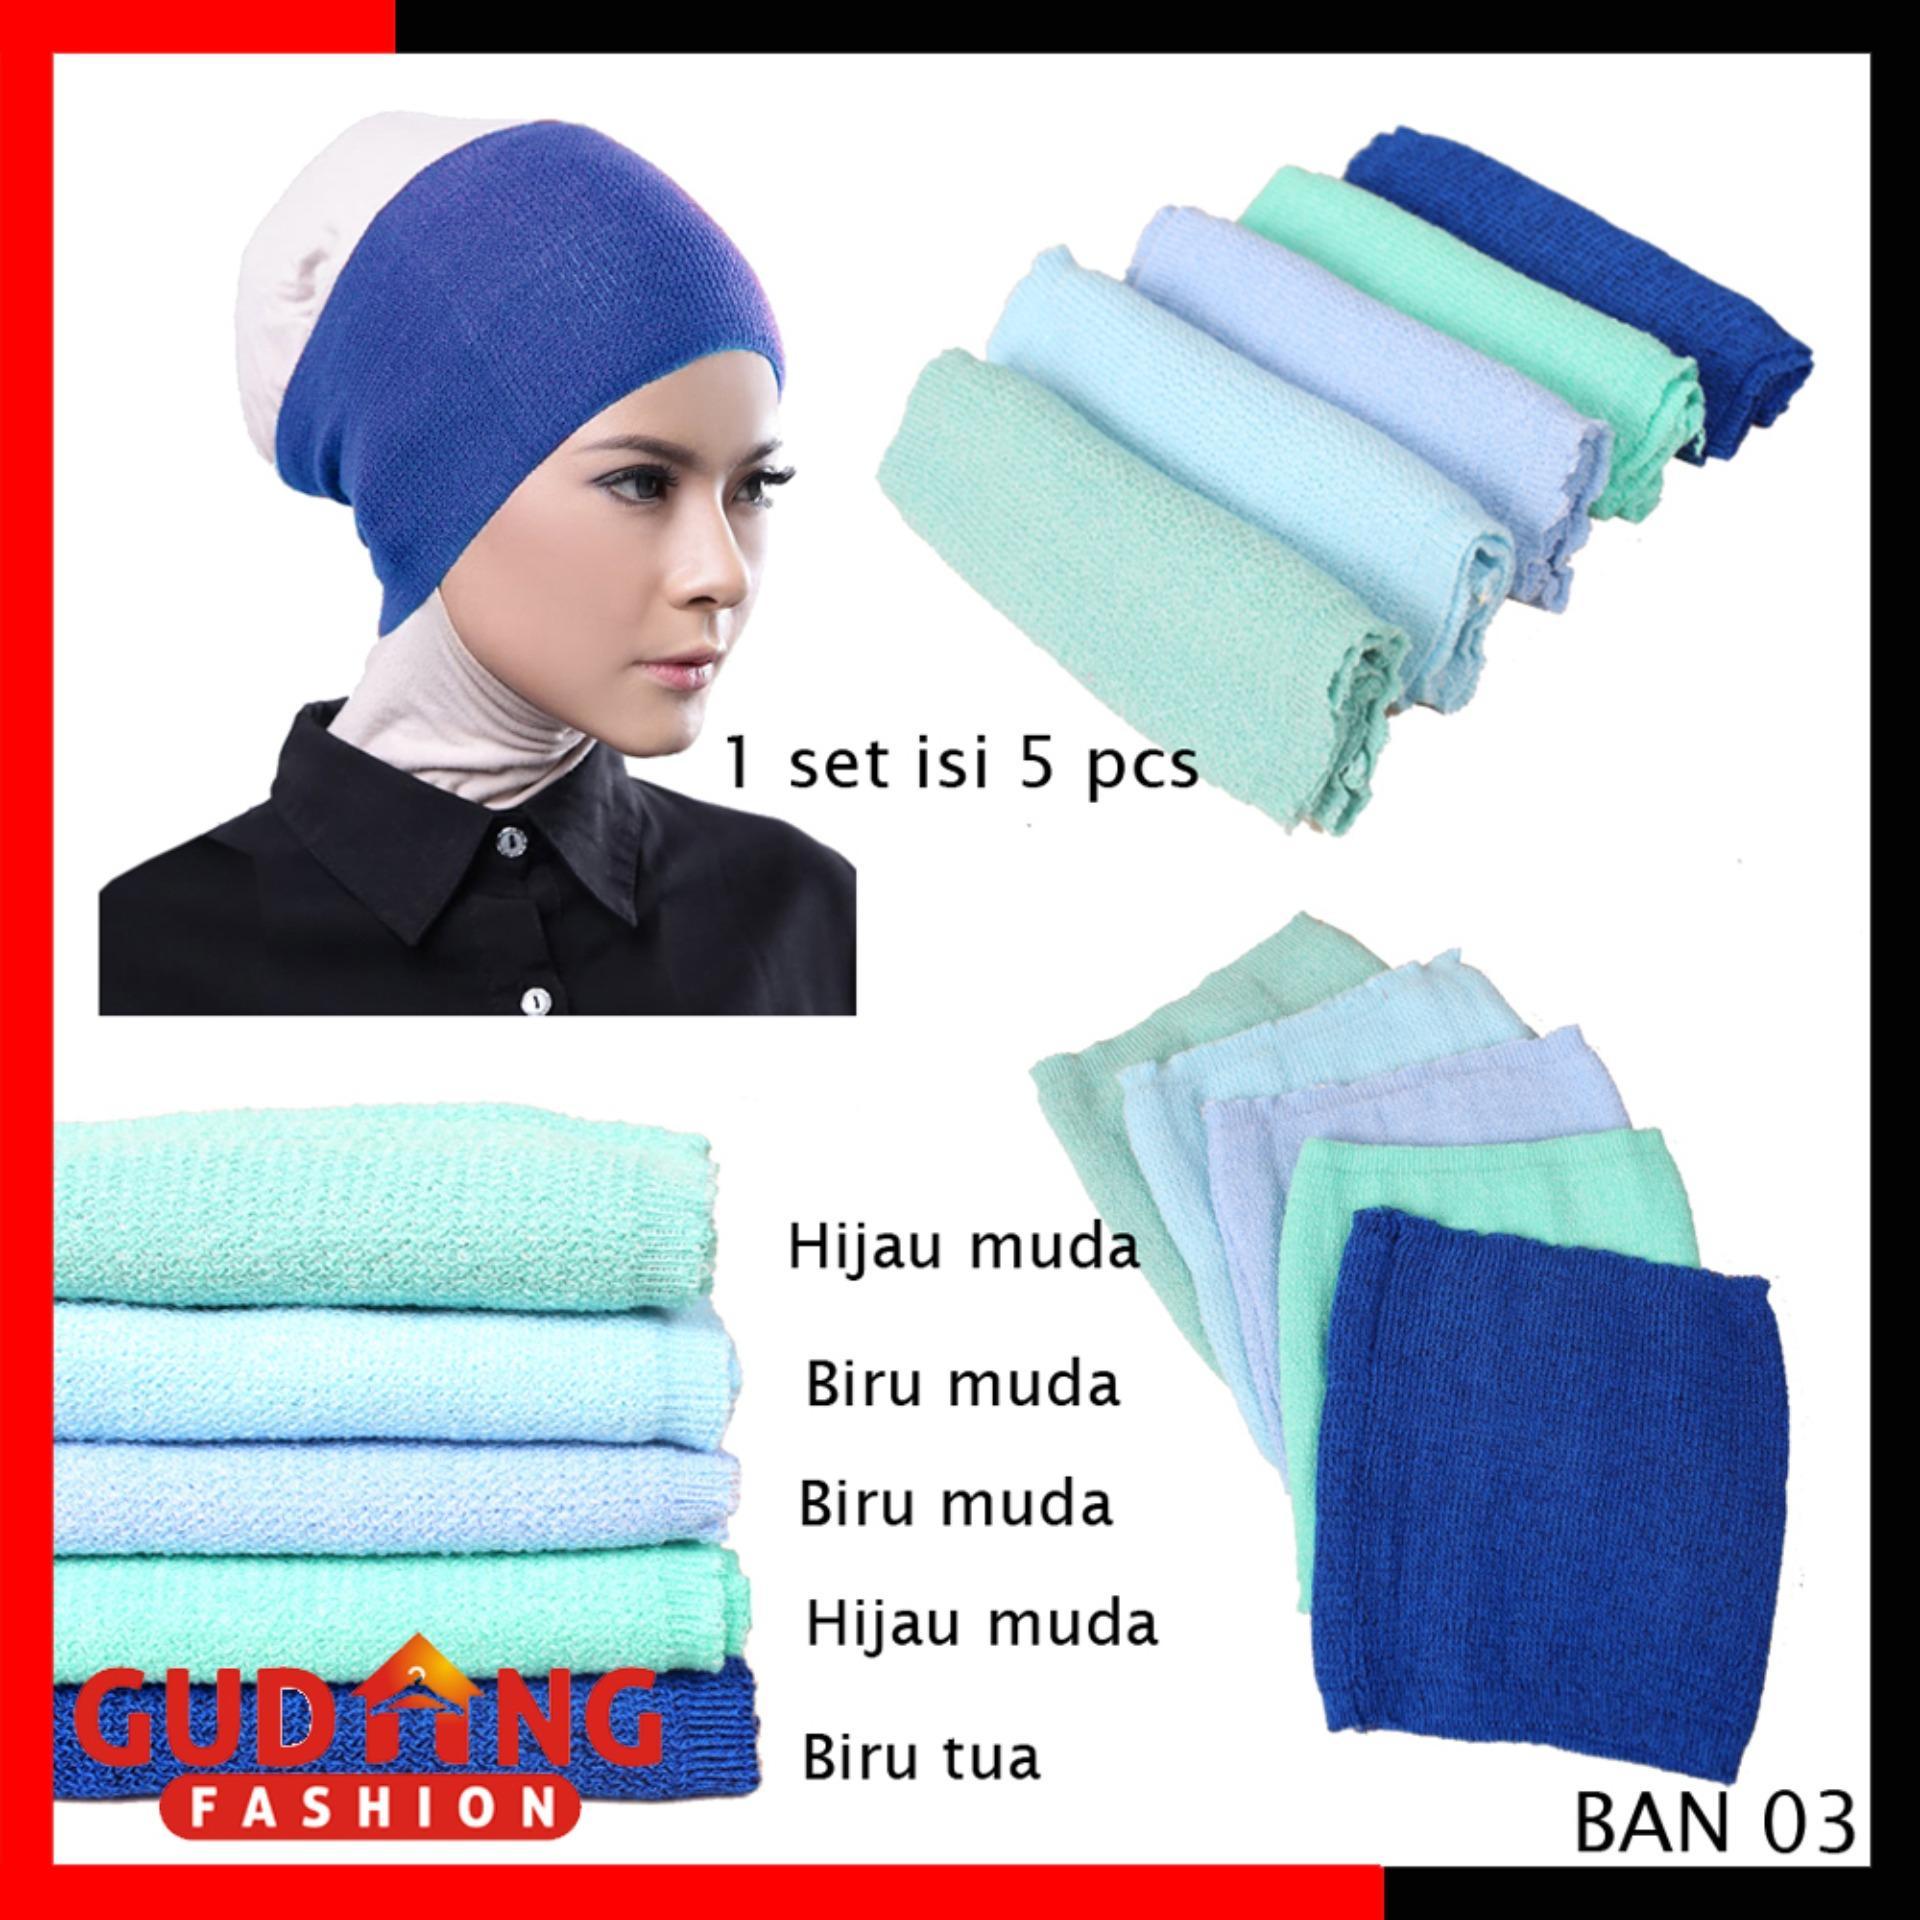 Gudang Fashion - Inner Bandana Rajut 2 Warna / Dalaman Jilbab Hijab Isi 5 Pcs - Kombinasi Warna